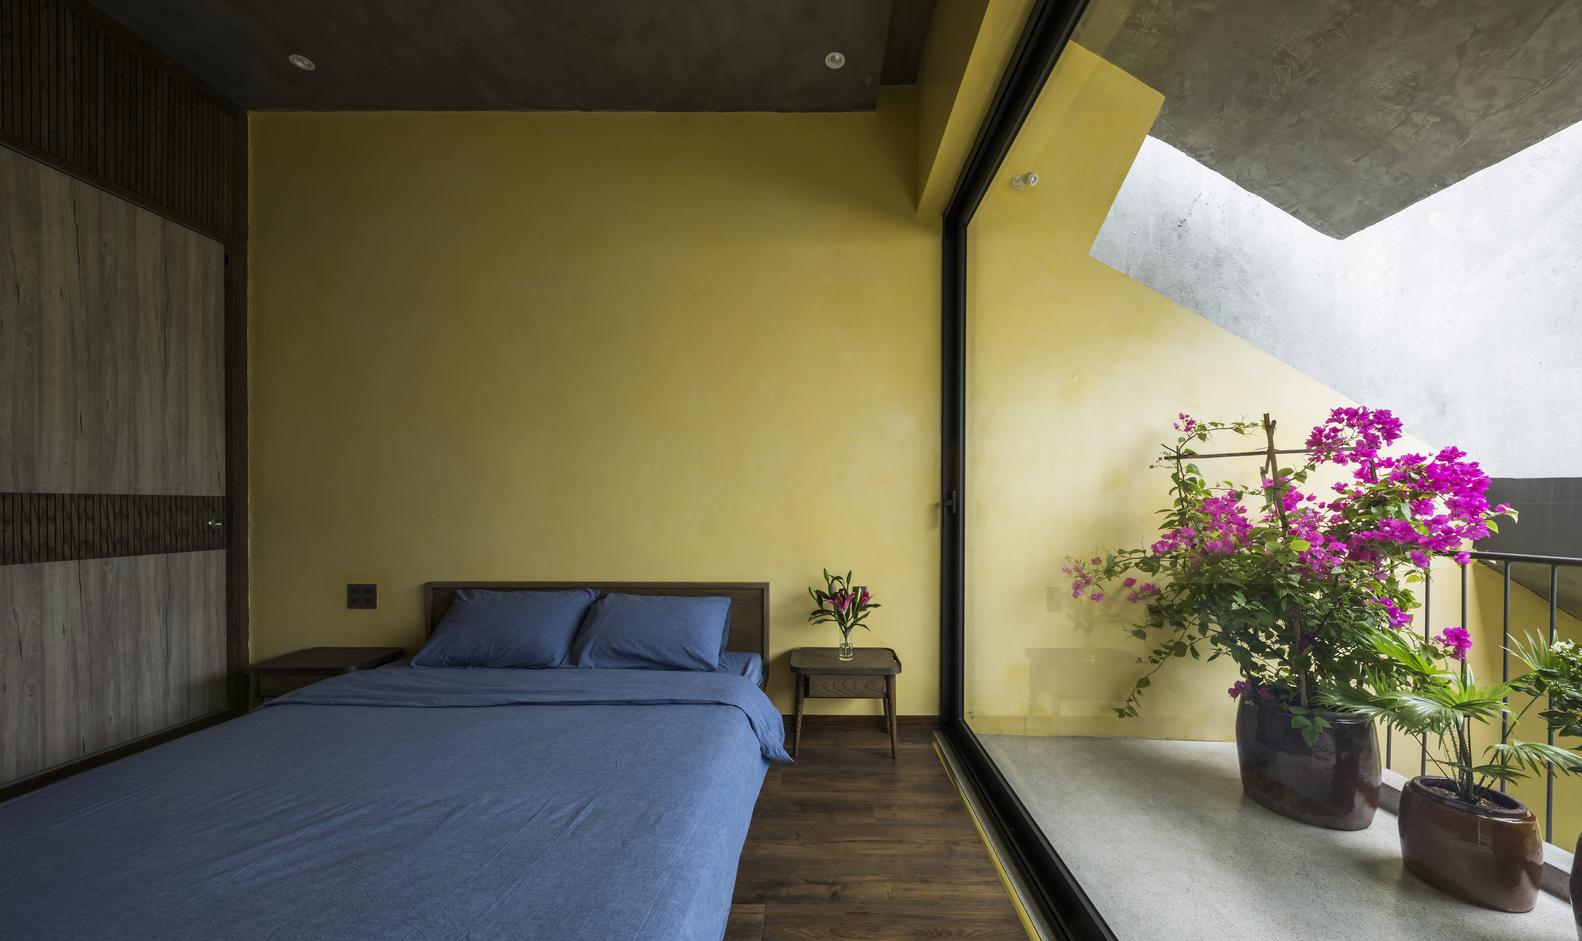 Một phòng ngủ khác với thiết kế nội thất tương tự, kết nối trực tiếp với ban công riêng.